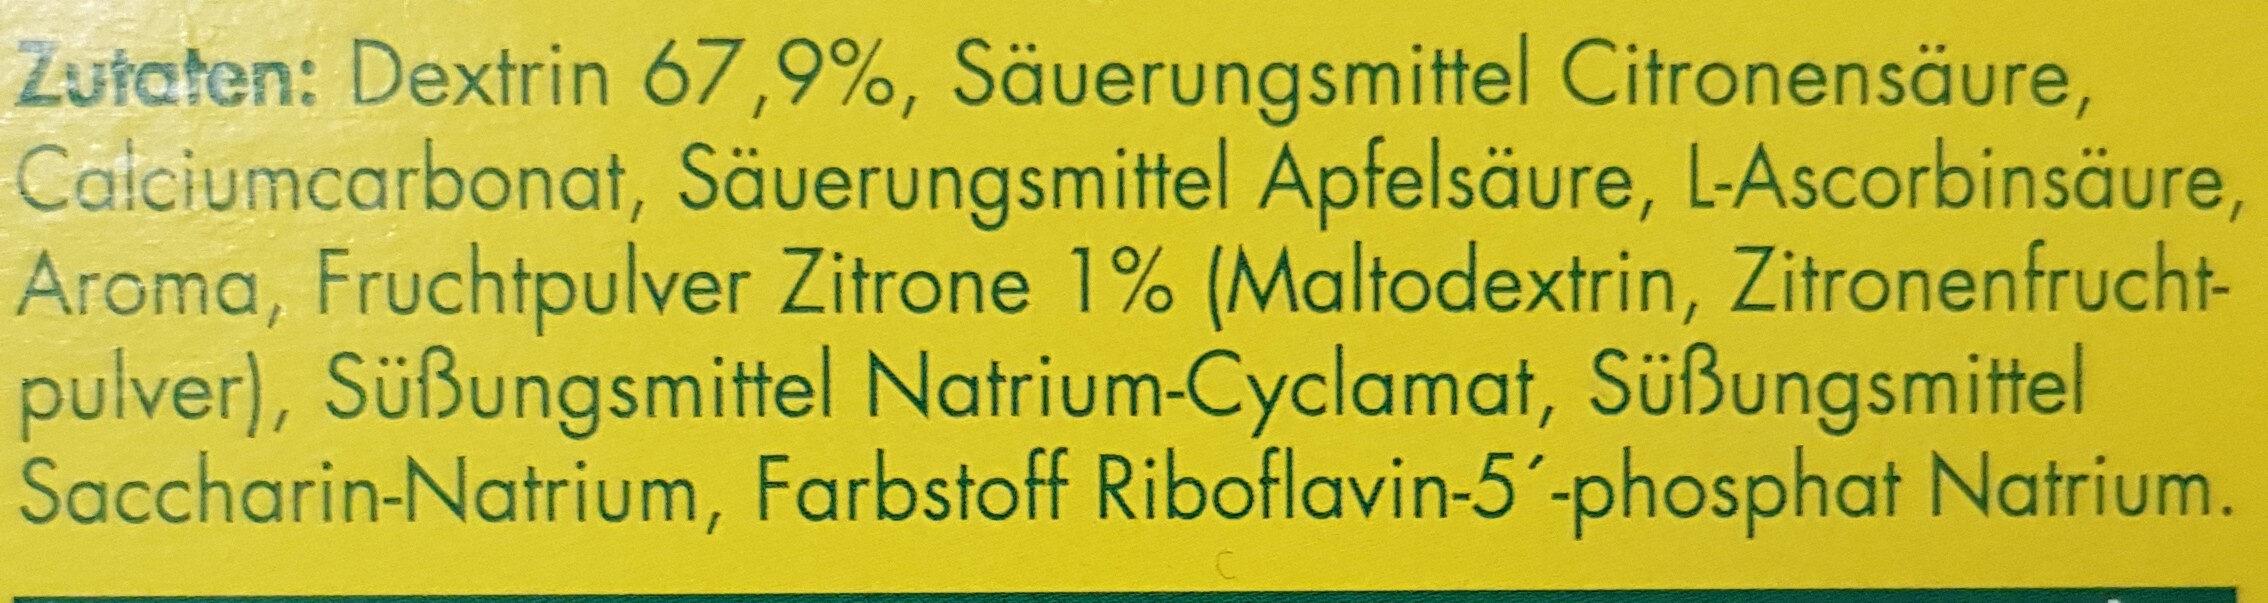 Heisse Zitrone - Ingredients - de